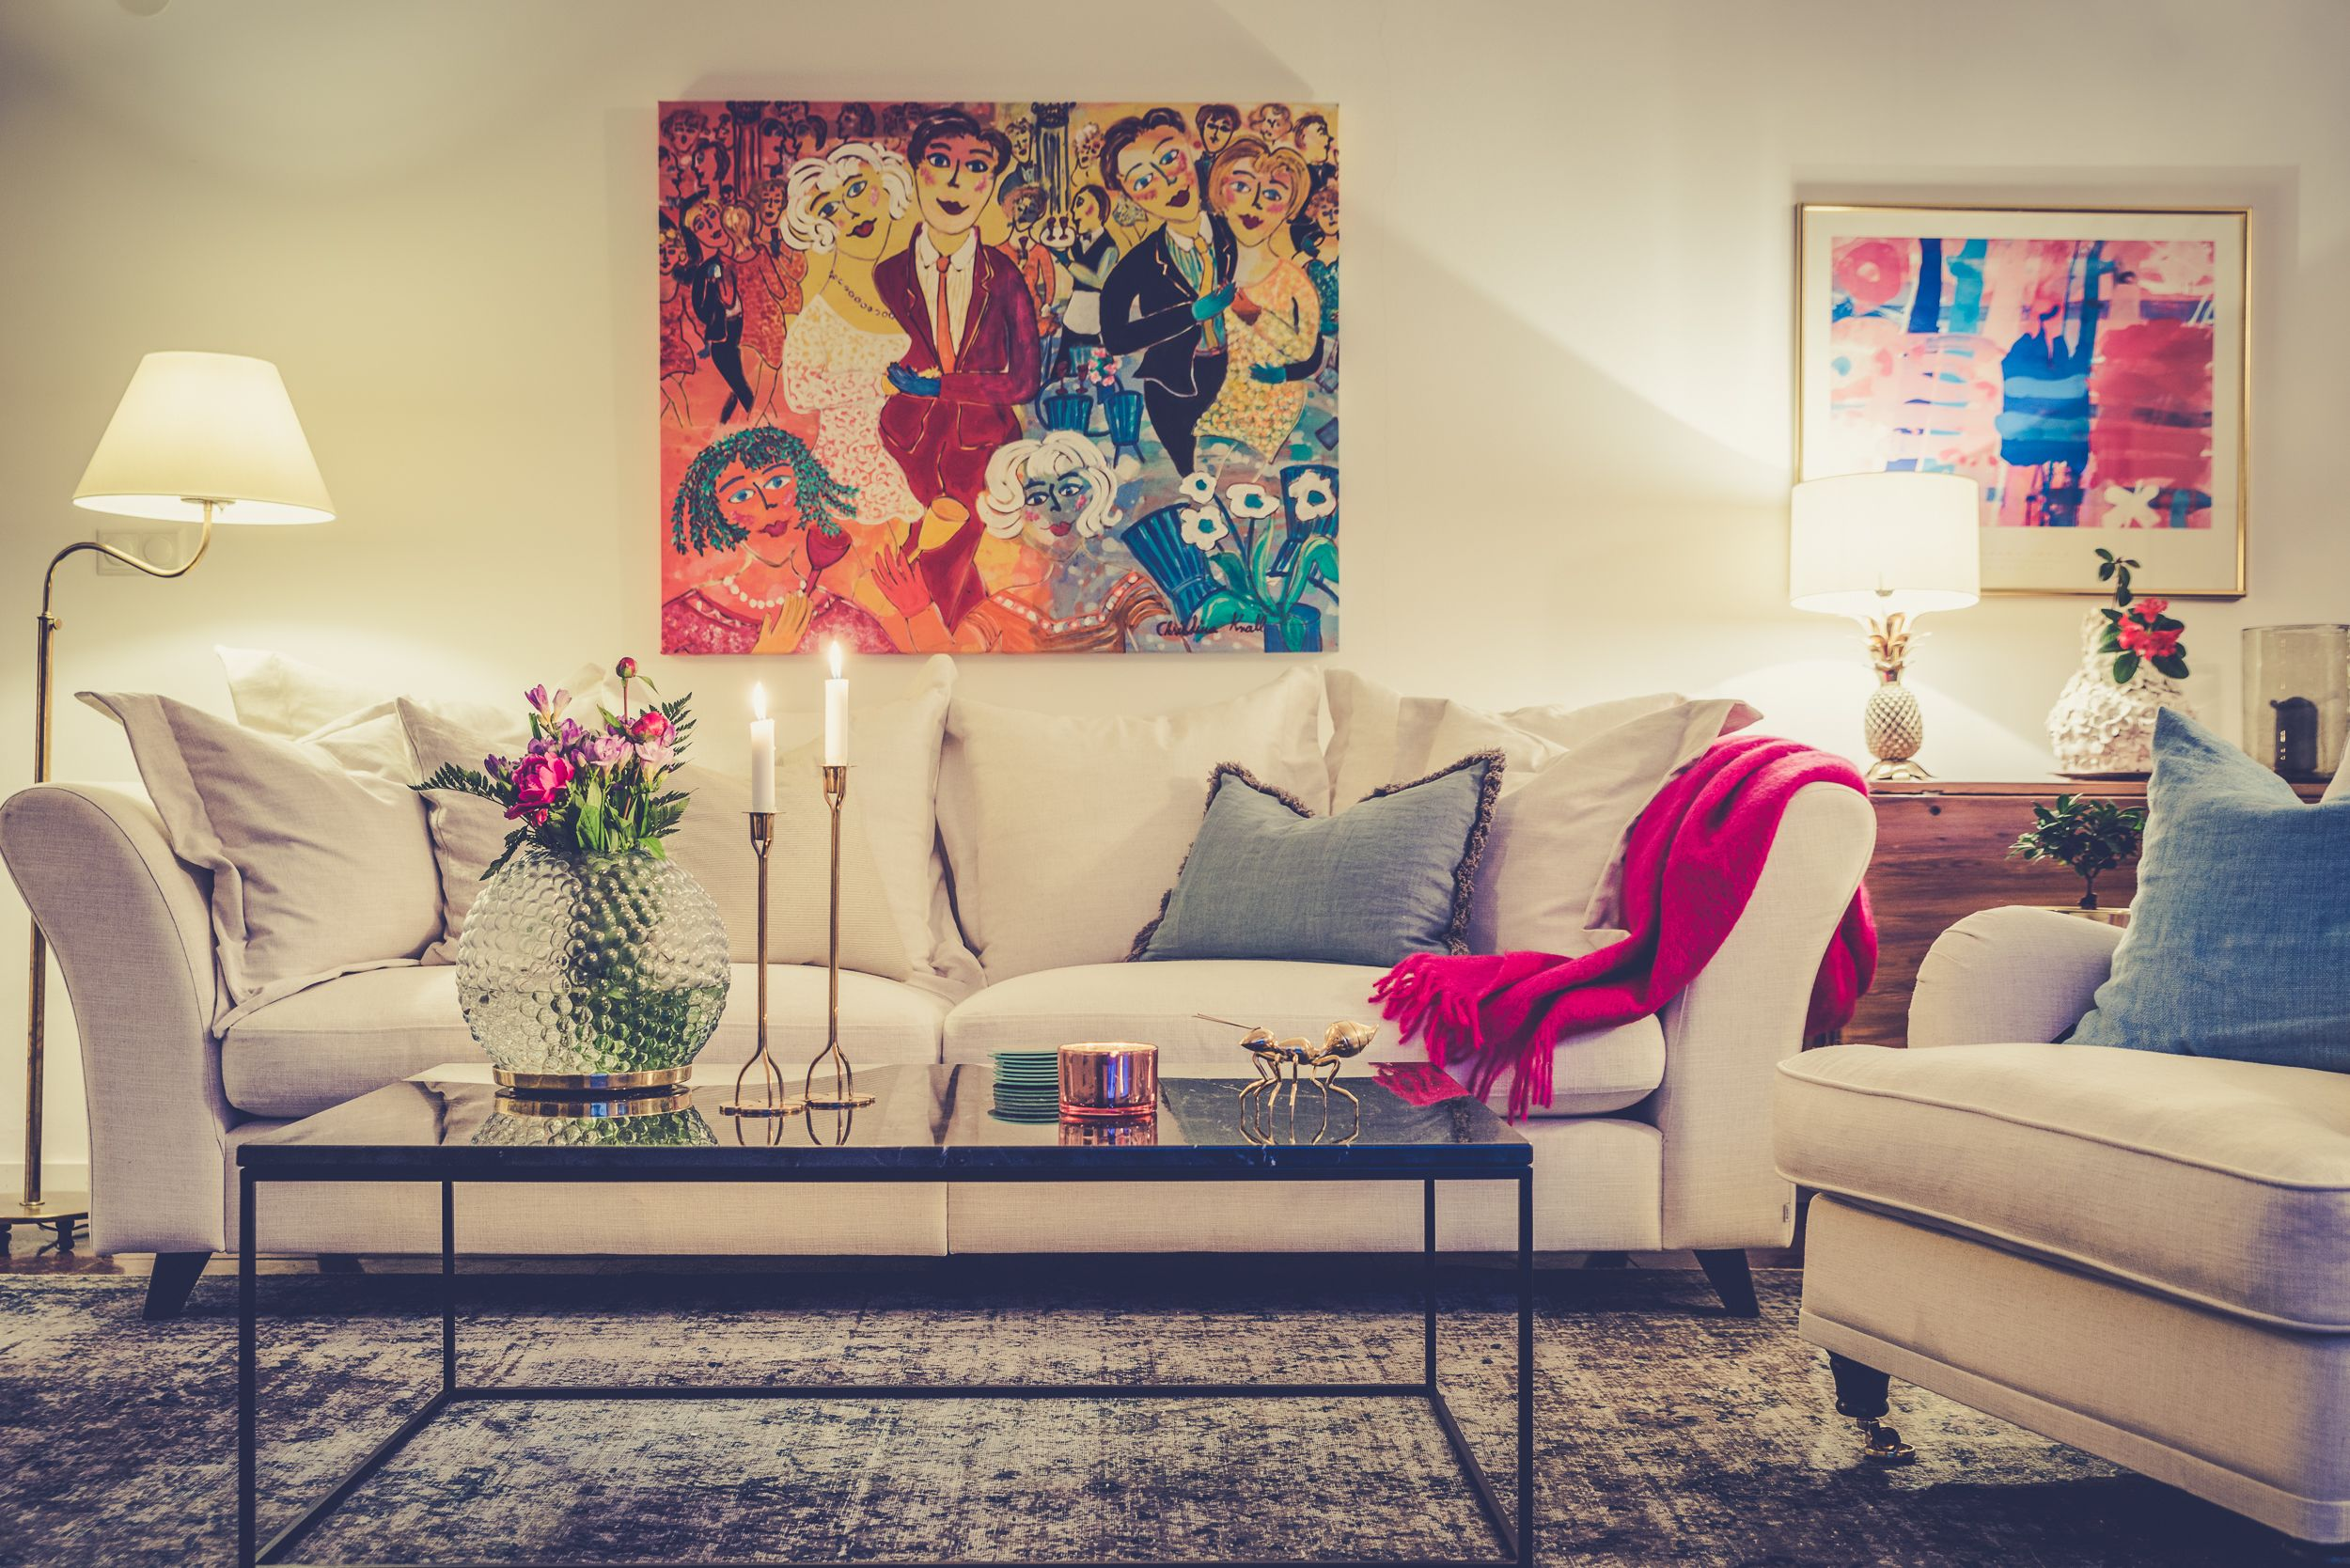 Vit Delfinen soffa och svart Jaguaren marmorbord. Soffbord, marmor, bord, dunsoffa, djup soffa, linne, vardagsrum, möbler, inredning, Lejonet howardfåtölj, fåtölj, howard, foxford, pläd, filt, mohair.